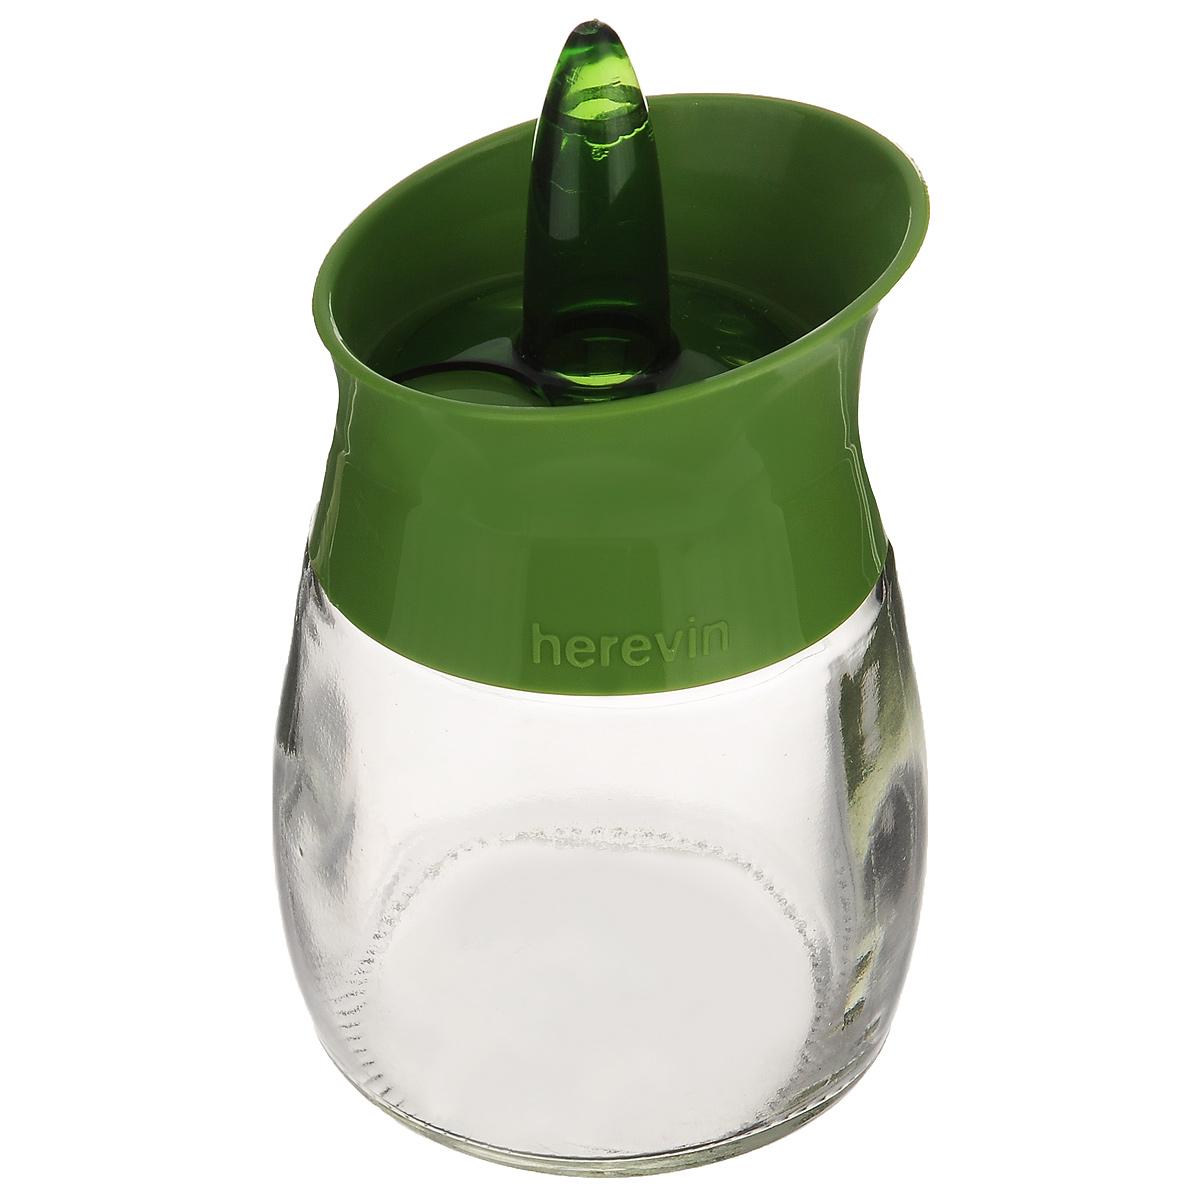 Банка для специй Herevin, цвет: прозрачный, зеленый, 200 мл. 131260-000131260-000_зеленыйБанка для специй Herevin выполнена из прозрачного стекла и оснащена пластиковой цветной крышкой с отверстиями разного размера, благодаря которым, вы сможете приправить блюда, просто перевернув банку. Крышка снабжена поворотным механизмом, благодаря которому вы сможете регулировать степень подачи специй. Крышка легко откручивается, благодаря чему засыпать приправу внутрь очень просто. Такая баночка станет достойным дополнением к вашему кухонному инвентарю. Можно мыть в посудомоечной машине.Диаметр (по верхнему краю): 5,5 см.Высота банки (без учета крышки): 7,5 см.